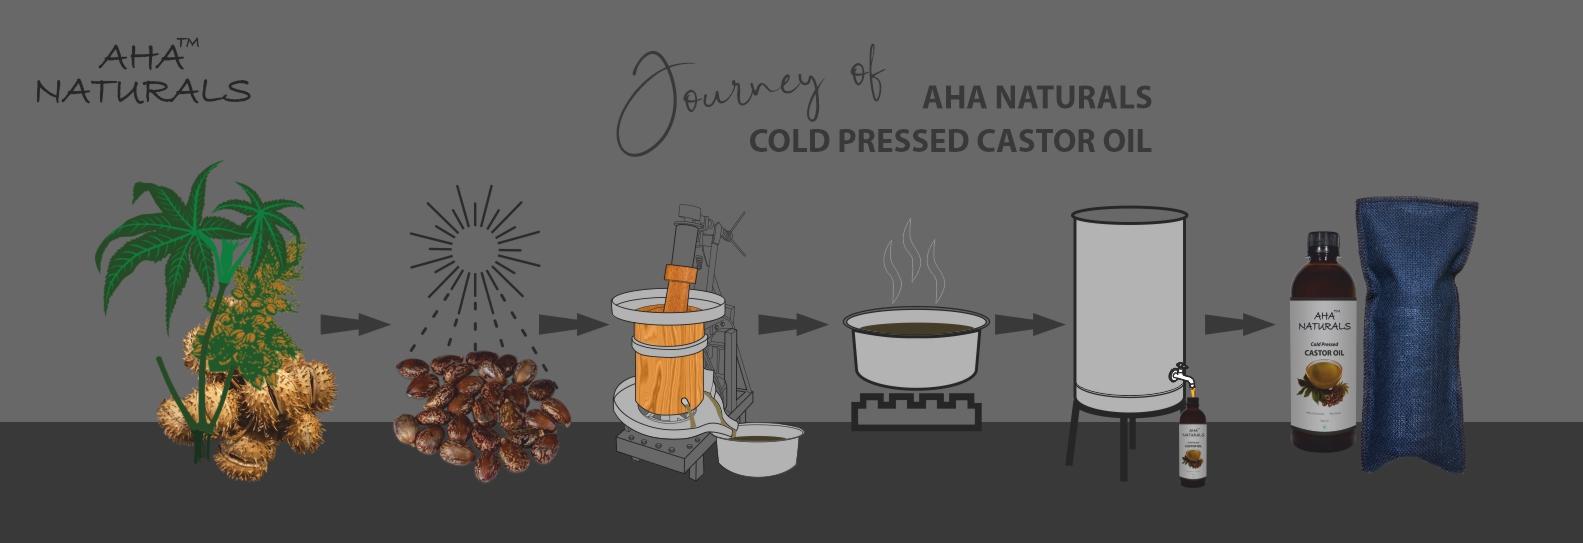 aha naturals cold pressed castor oil